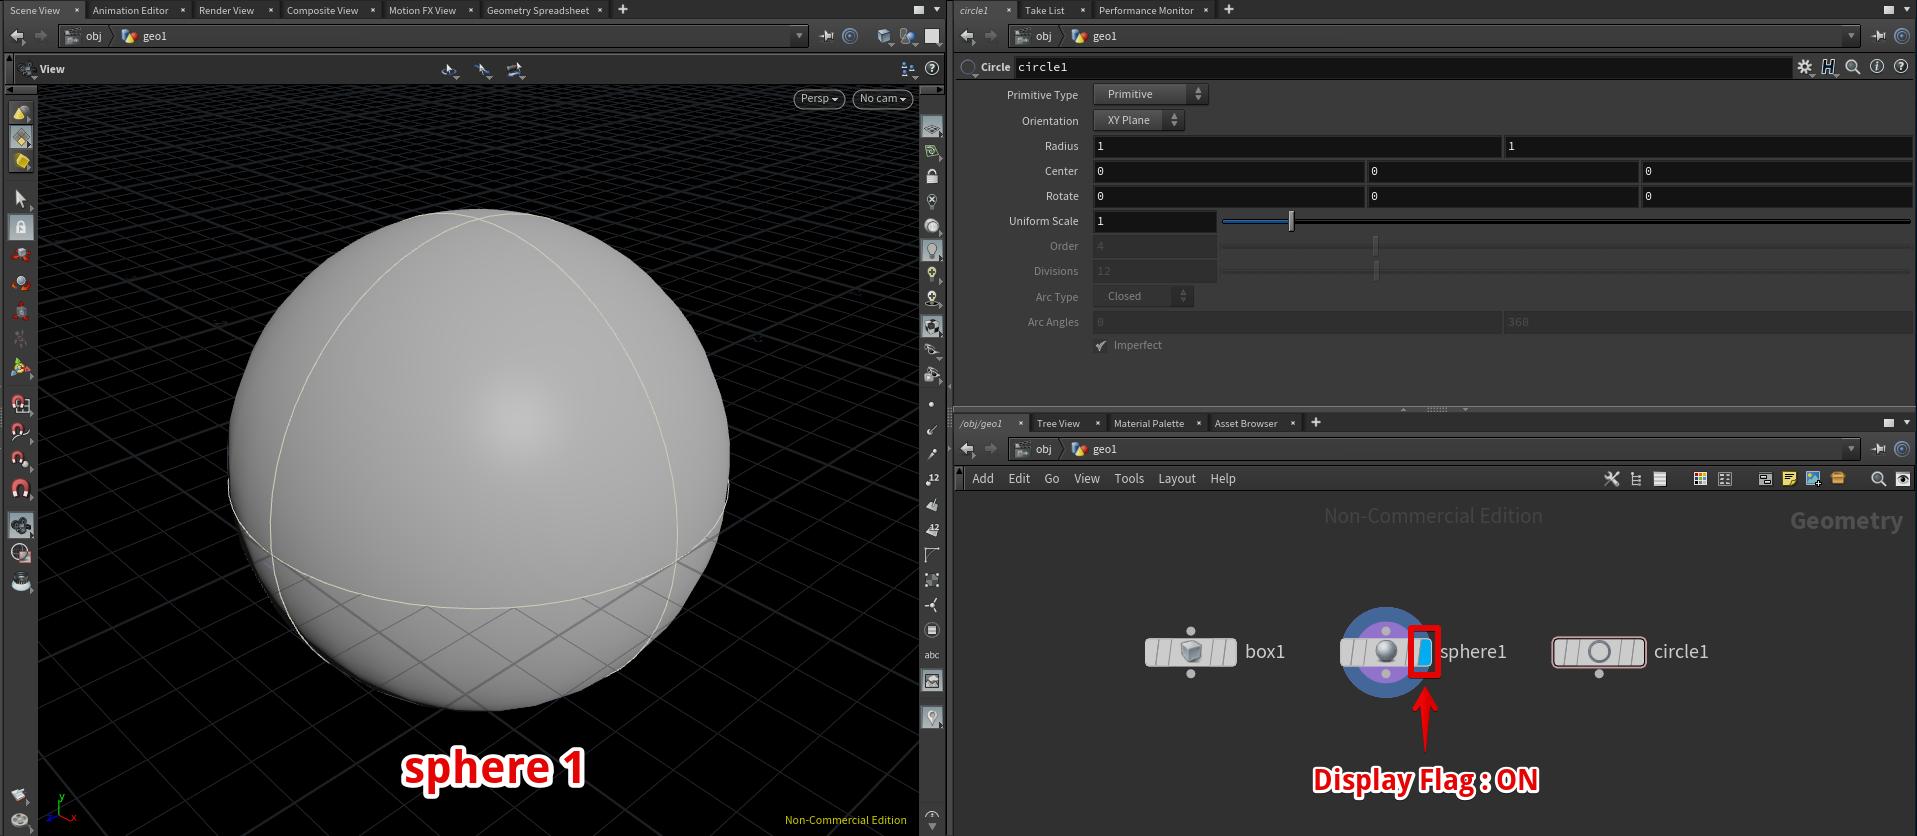 sphere1ノードの表示フラグをONにするとSceneViewにはsphere1が表示される